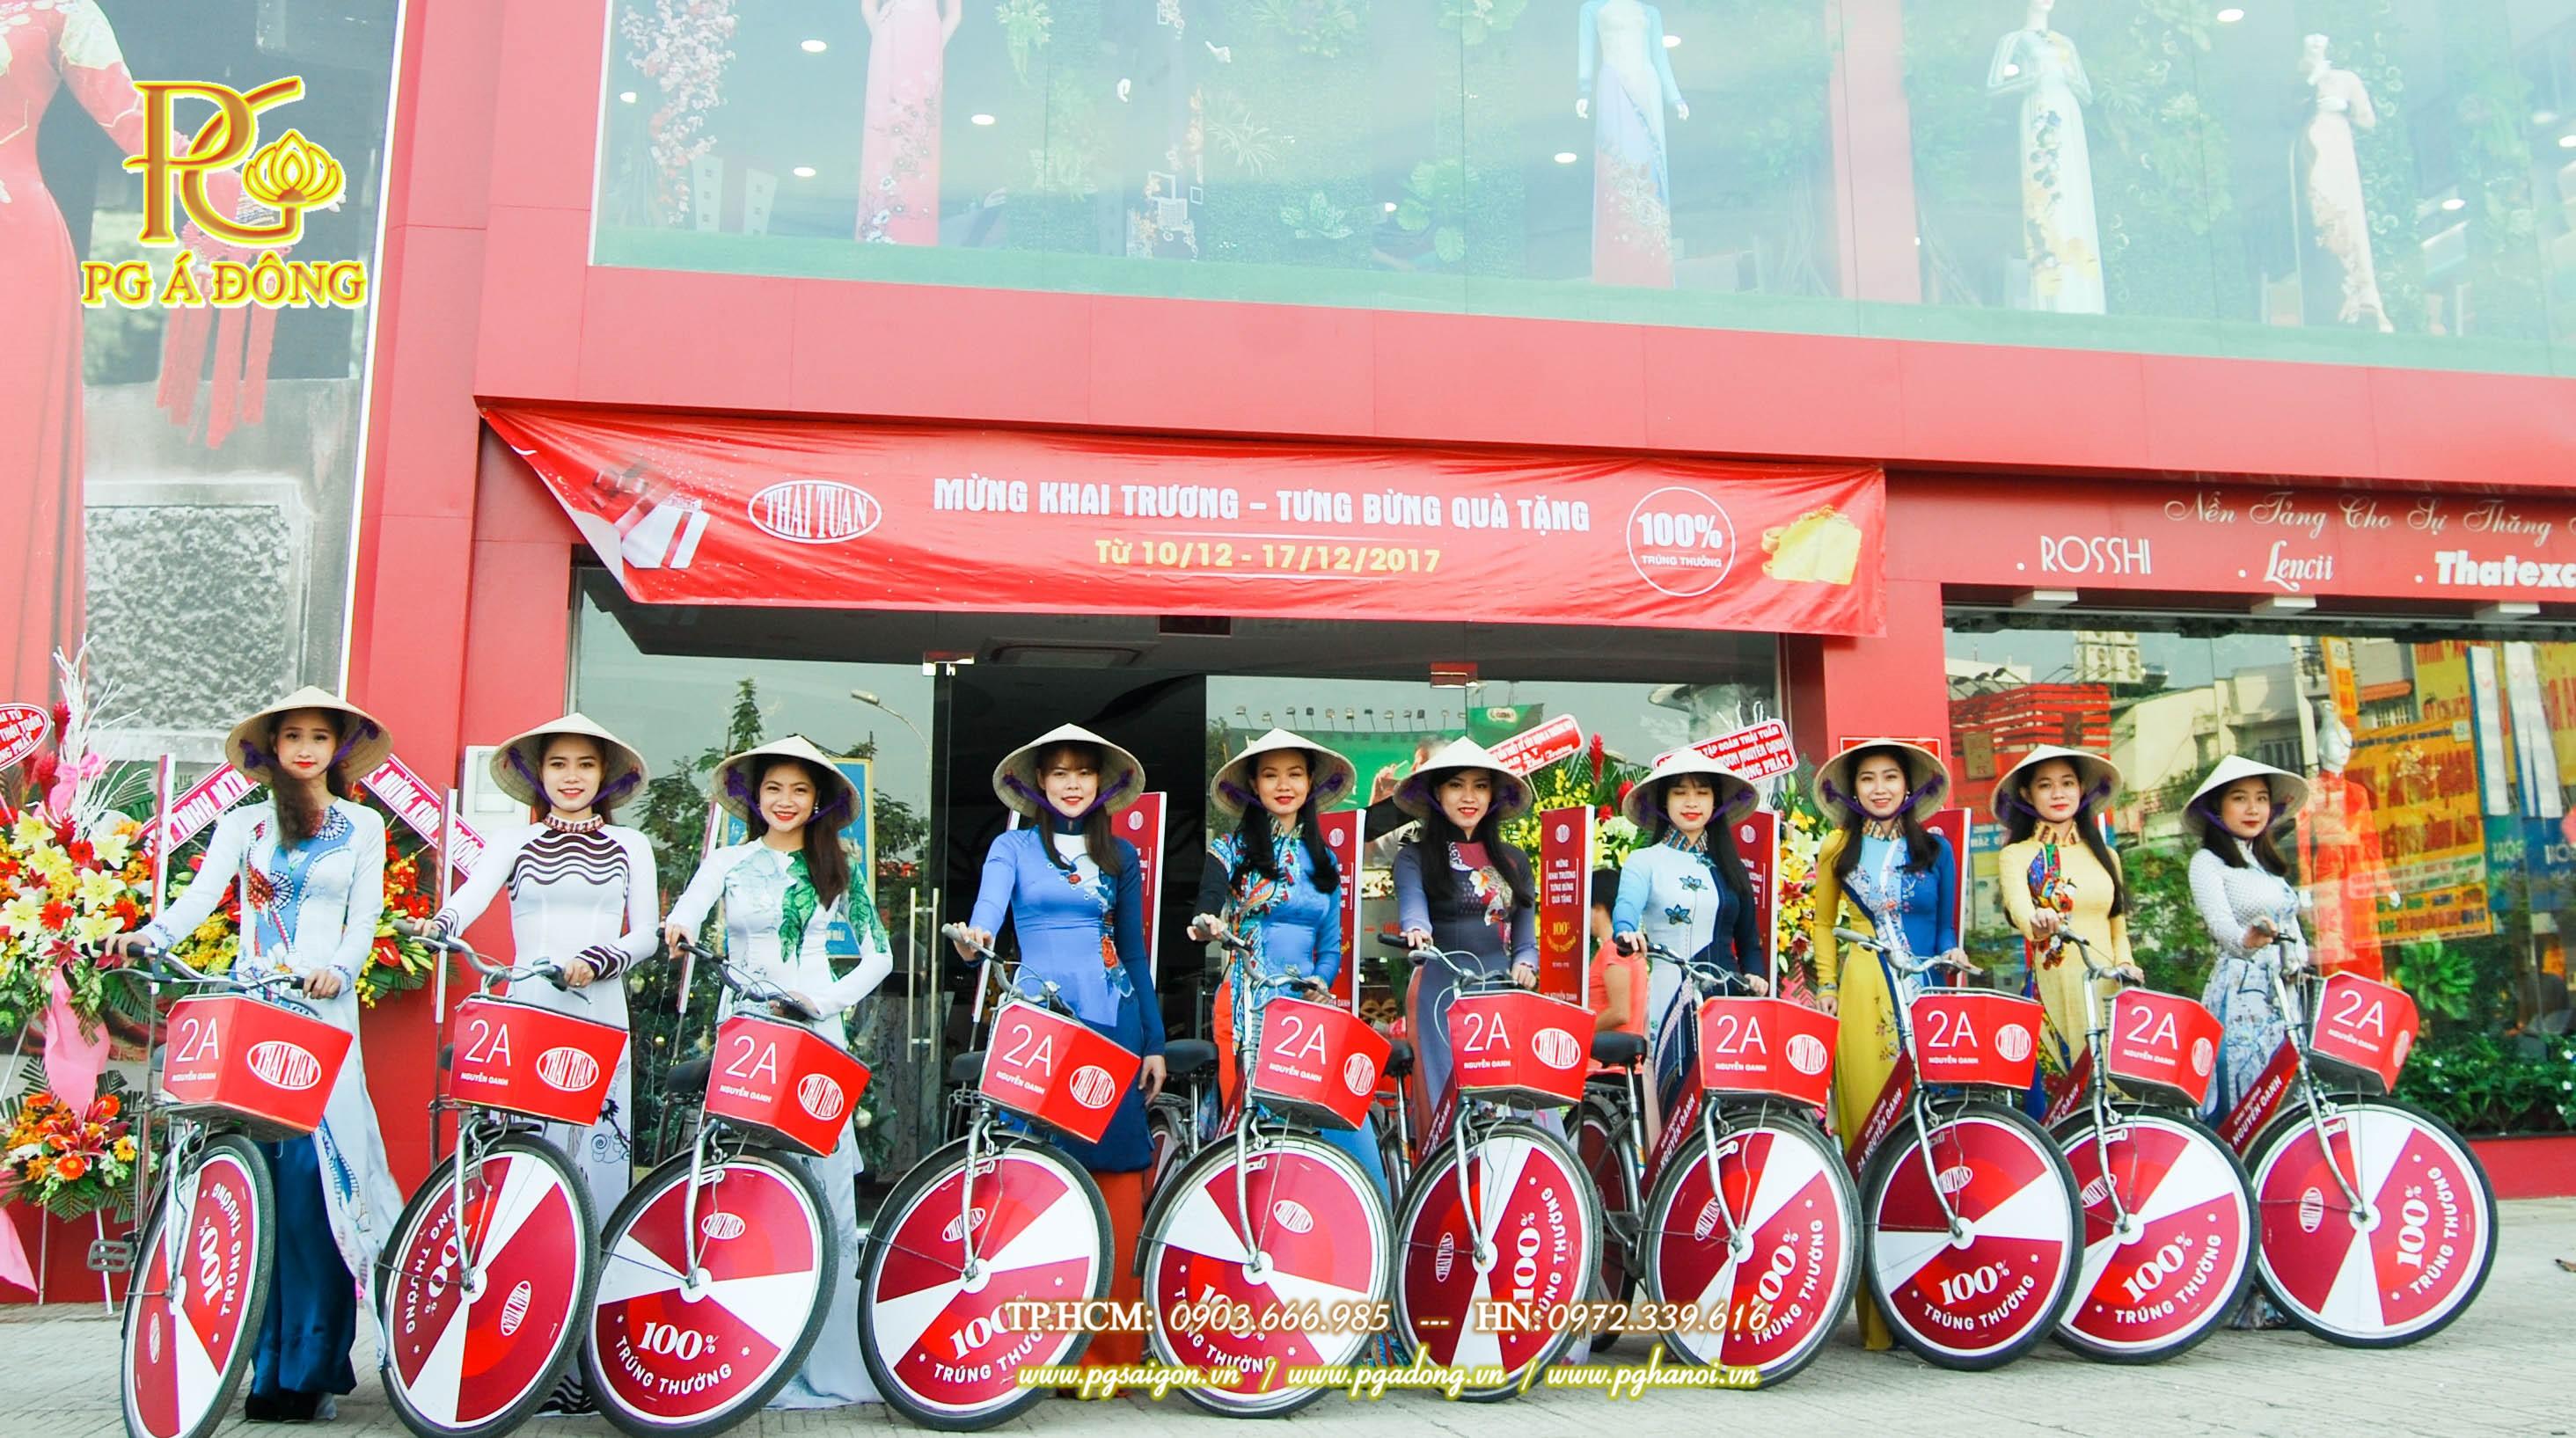 Đoàn roadshow xe đạp chụp hình tại cửa hàng Thái Tuấn